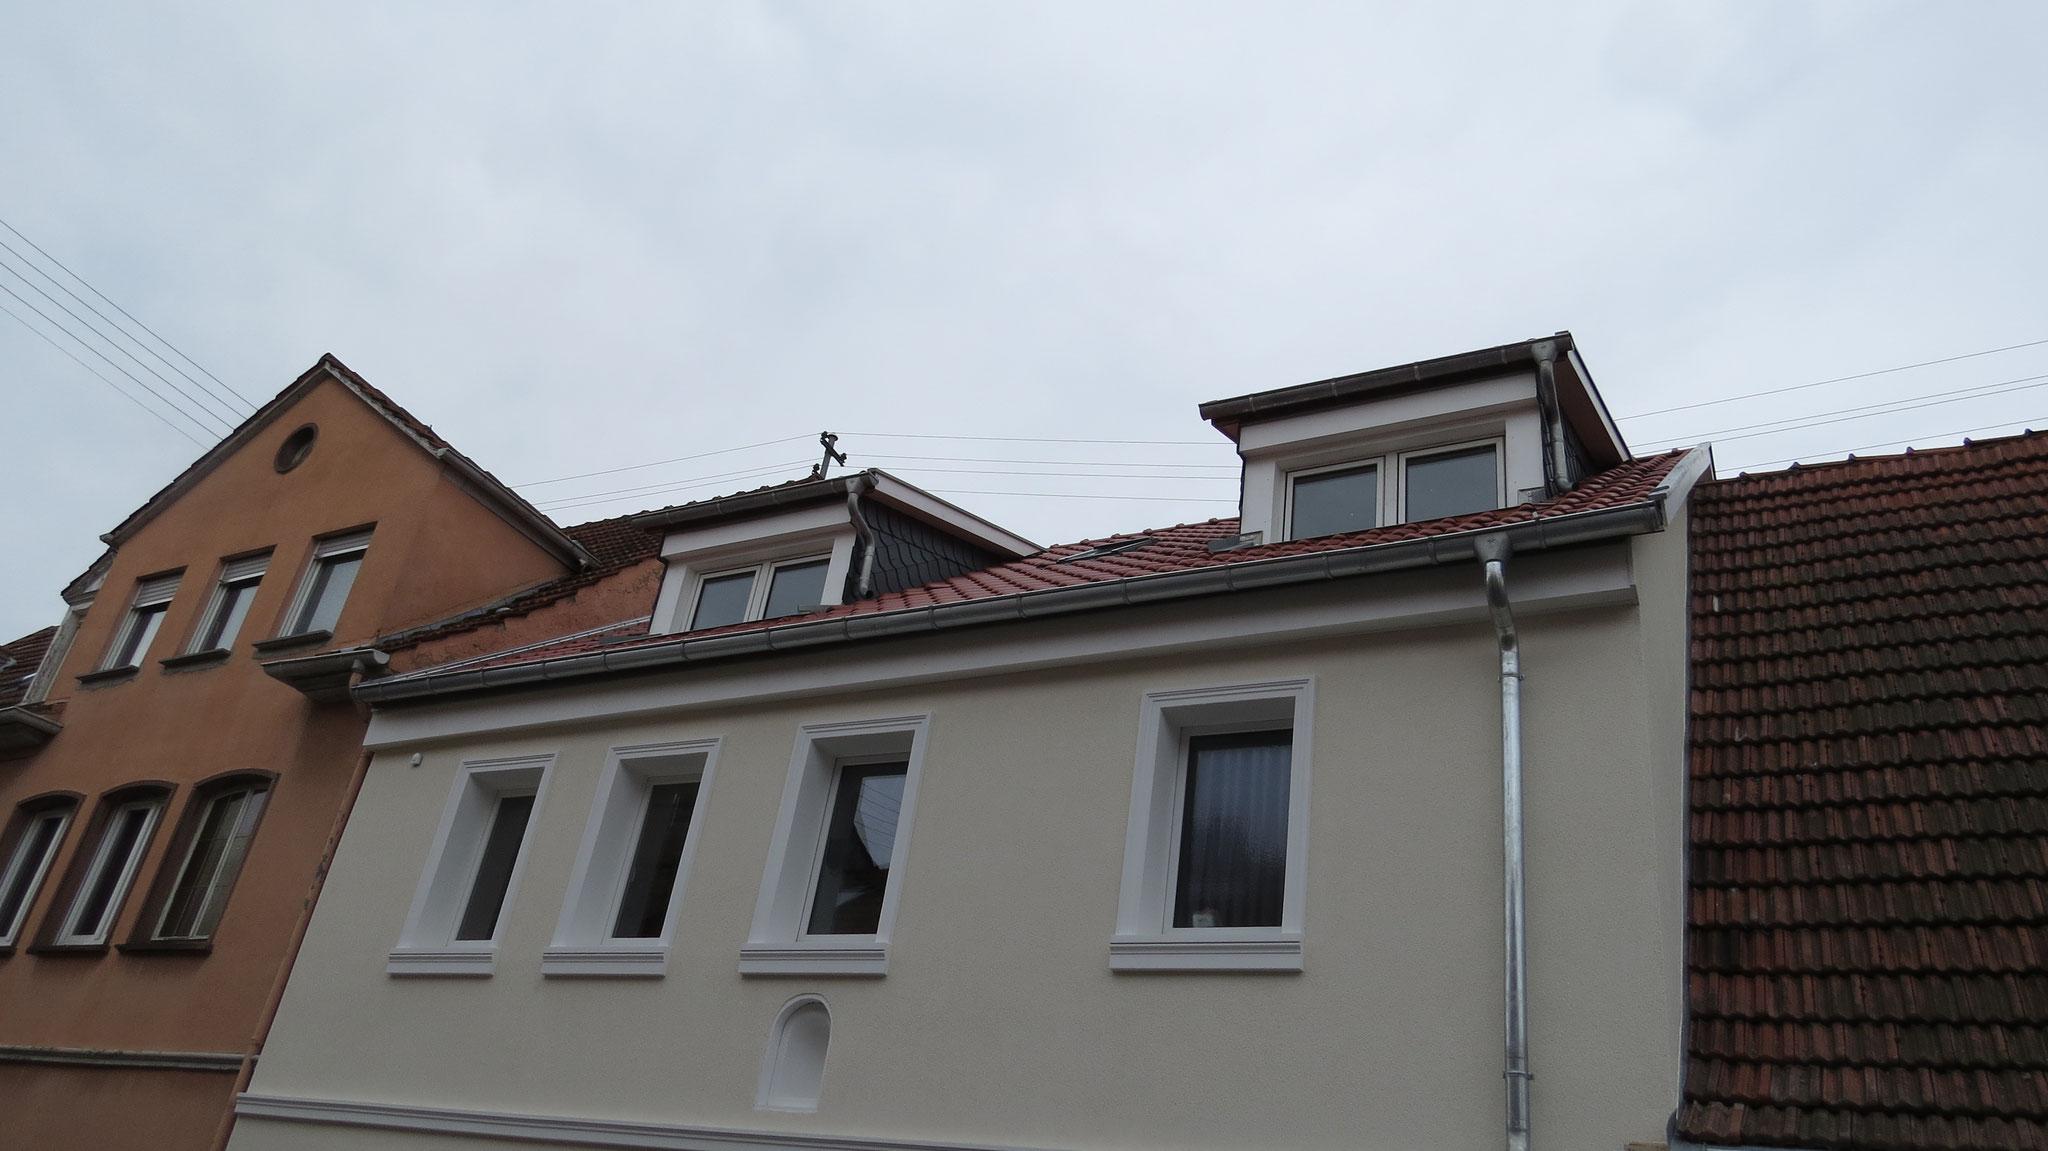 Kernsanierung In Wieblingen - Dörsam Bedachungen Dachdecker Aus